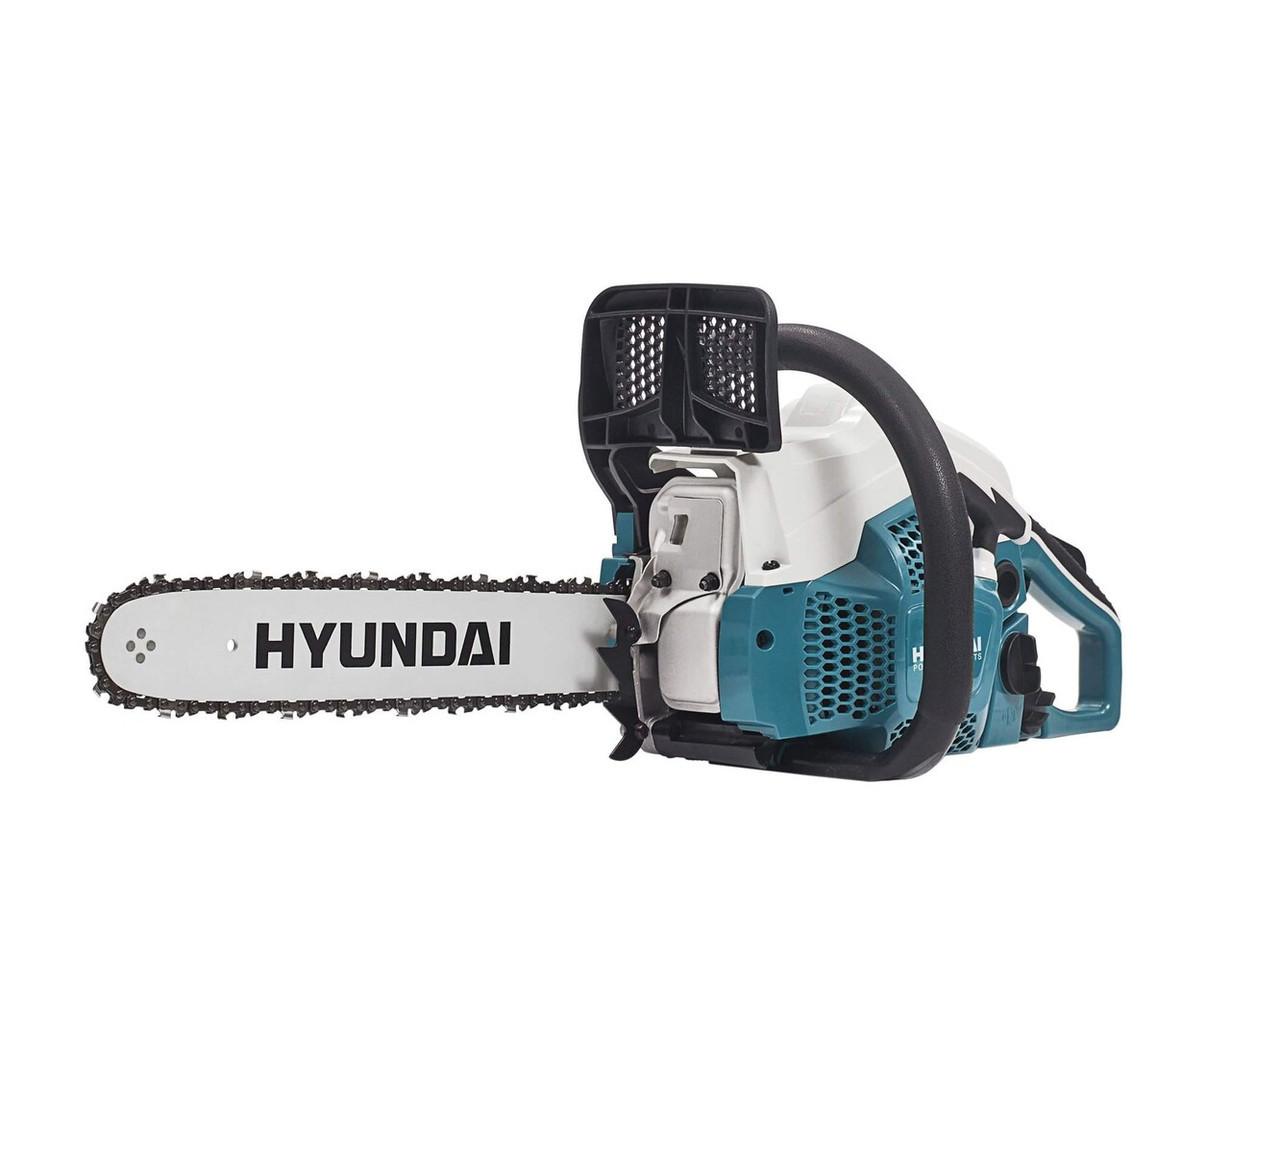 Бензопила Hyundai Х 380  | БЕСПЛАТНАЯ ДОСТАВКА!